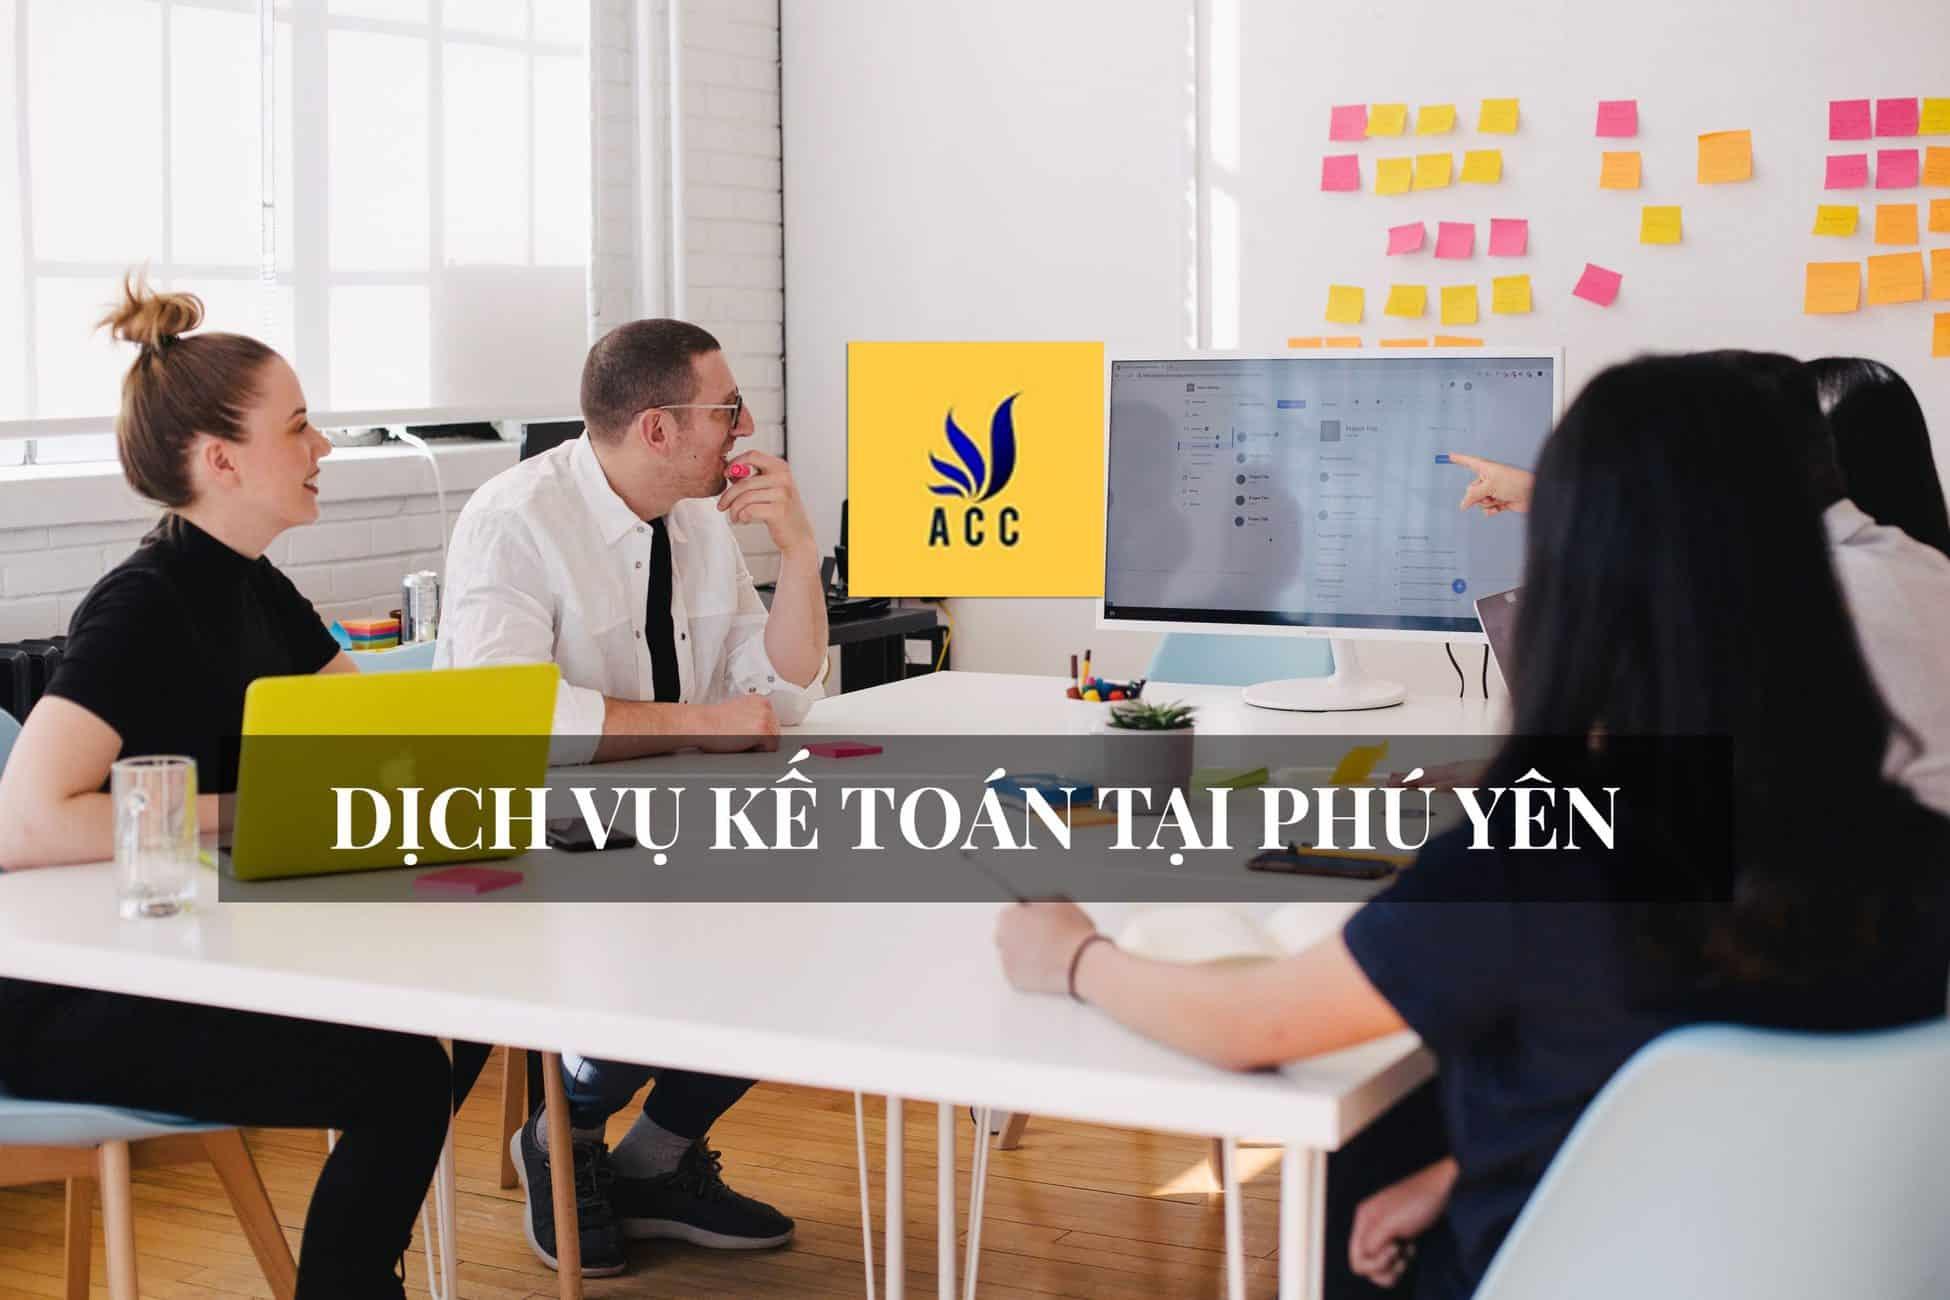 Công ty Dịch vụ kế toán thuế tại Phú Yên